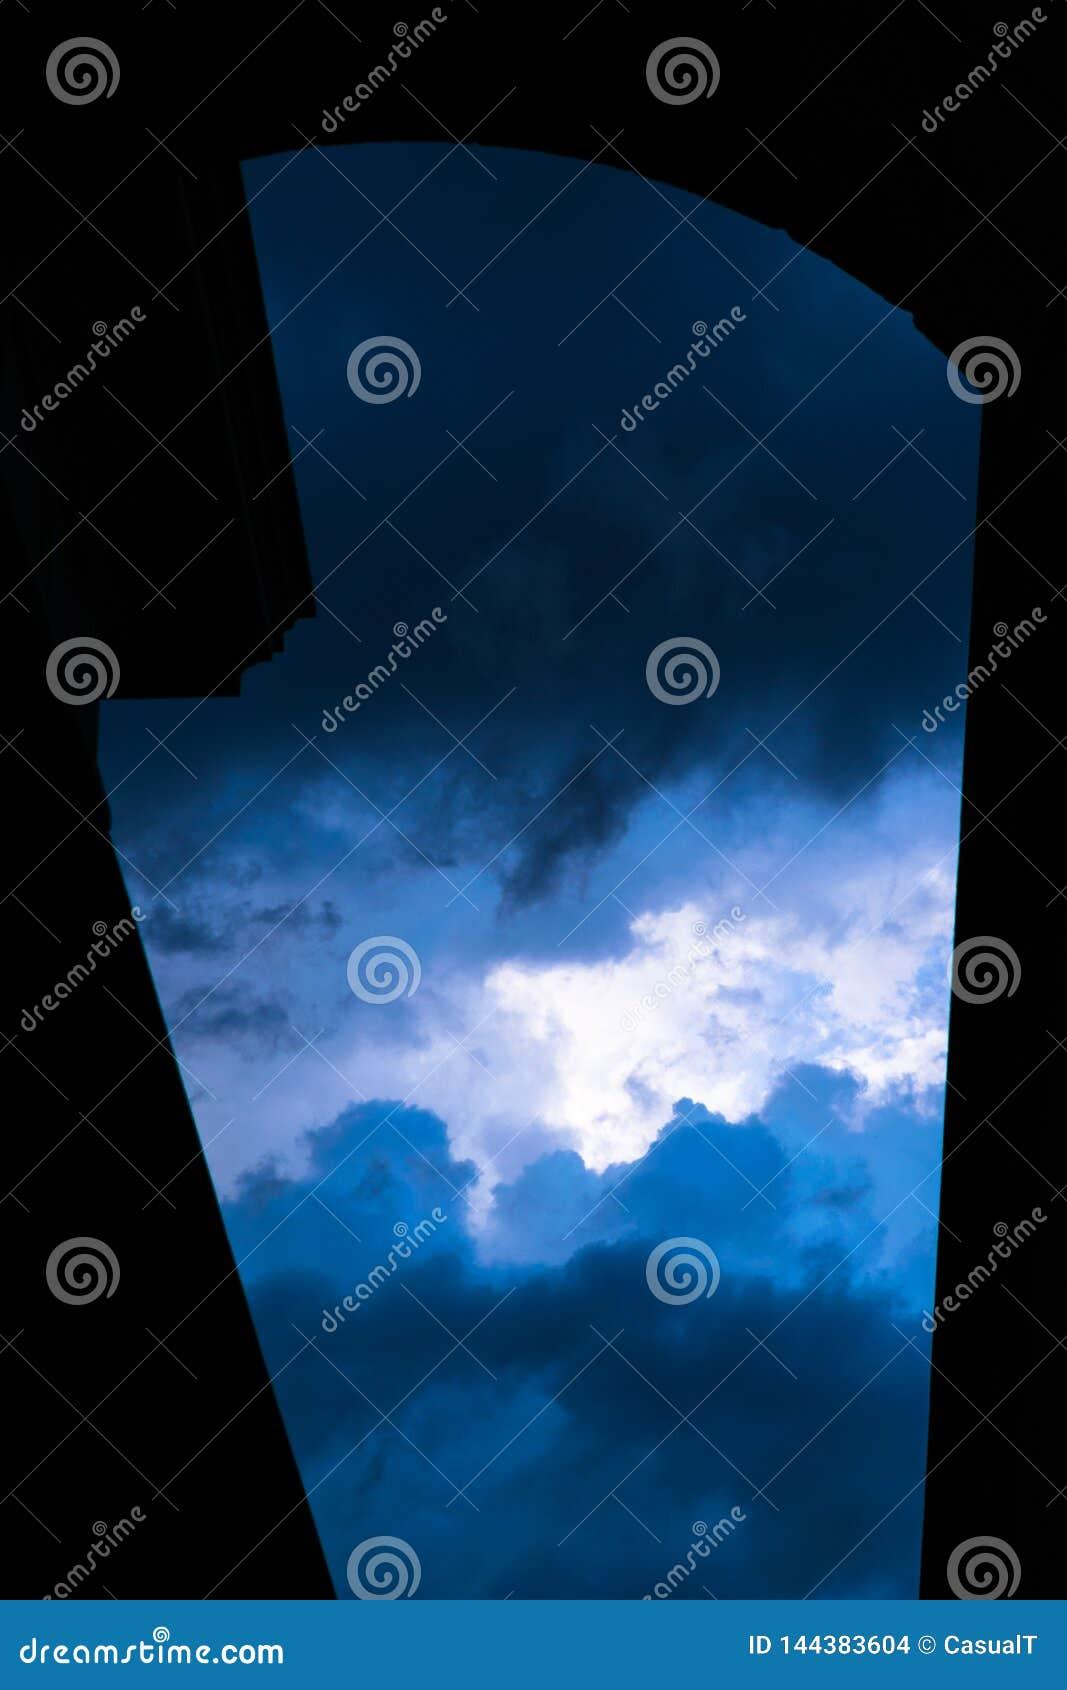 Драматическое, темное и наполненное облак небо обрамленное архитектурноакустическим силуэтом, Манхэттен, Нью-Йорк, NY